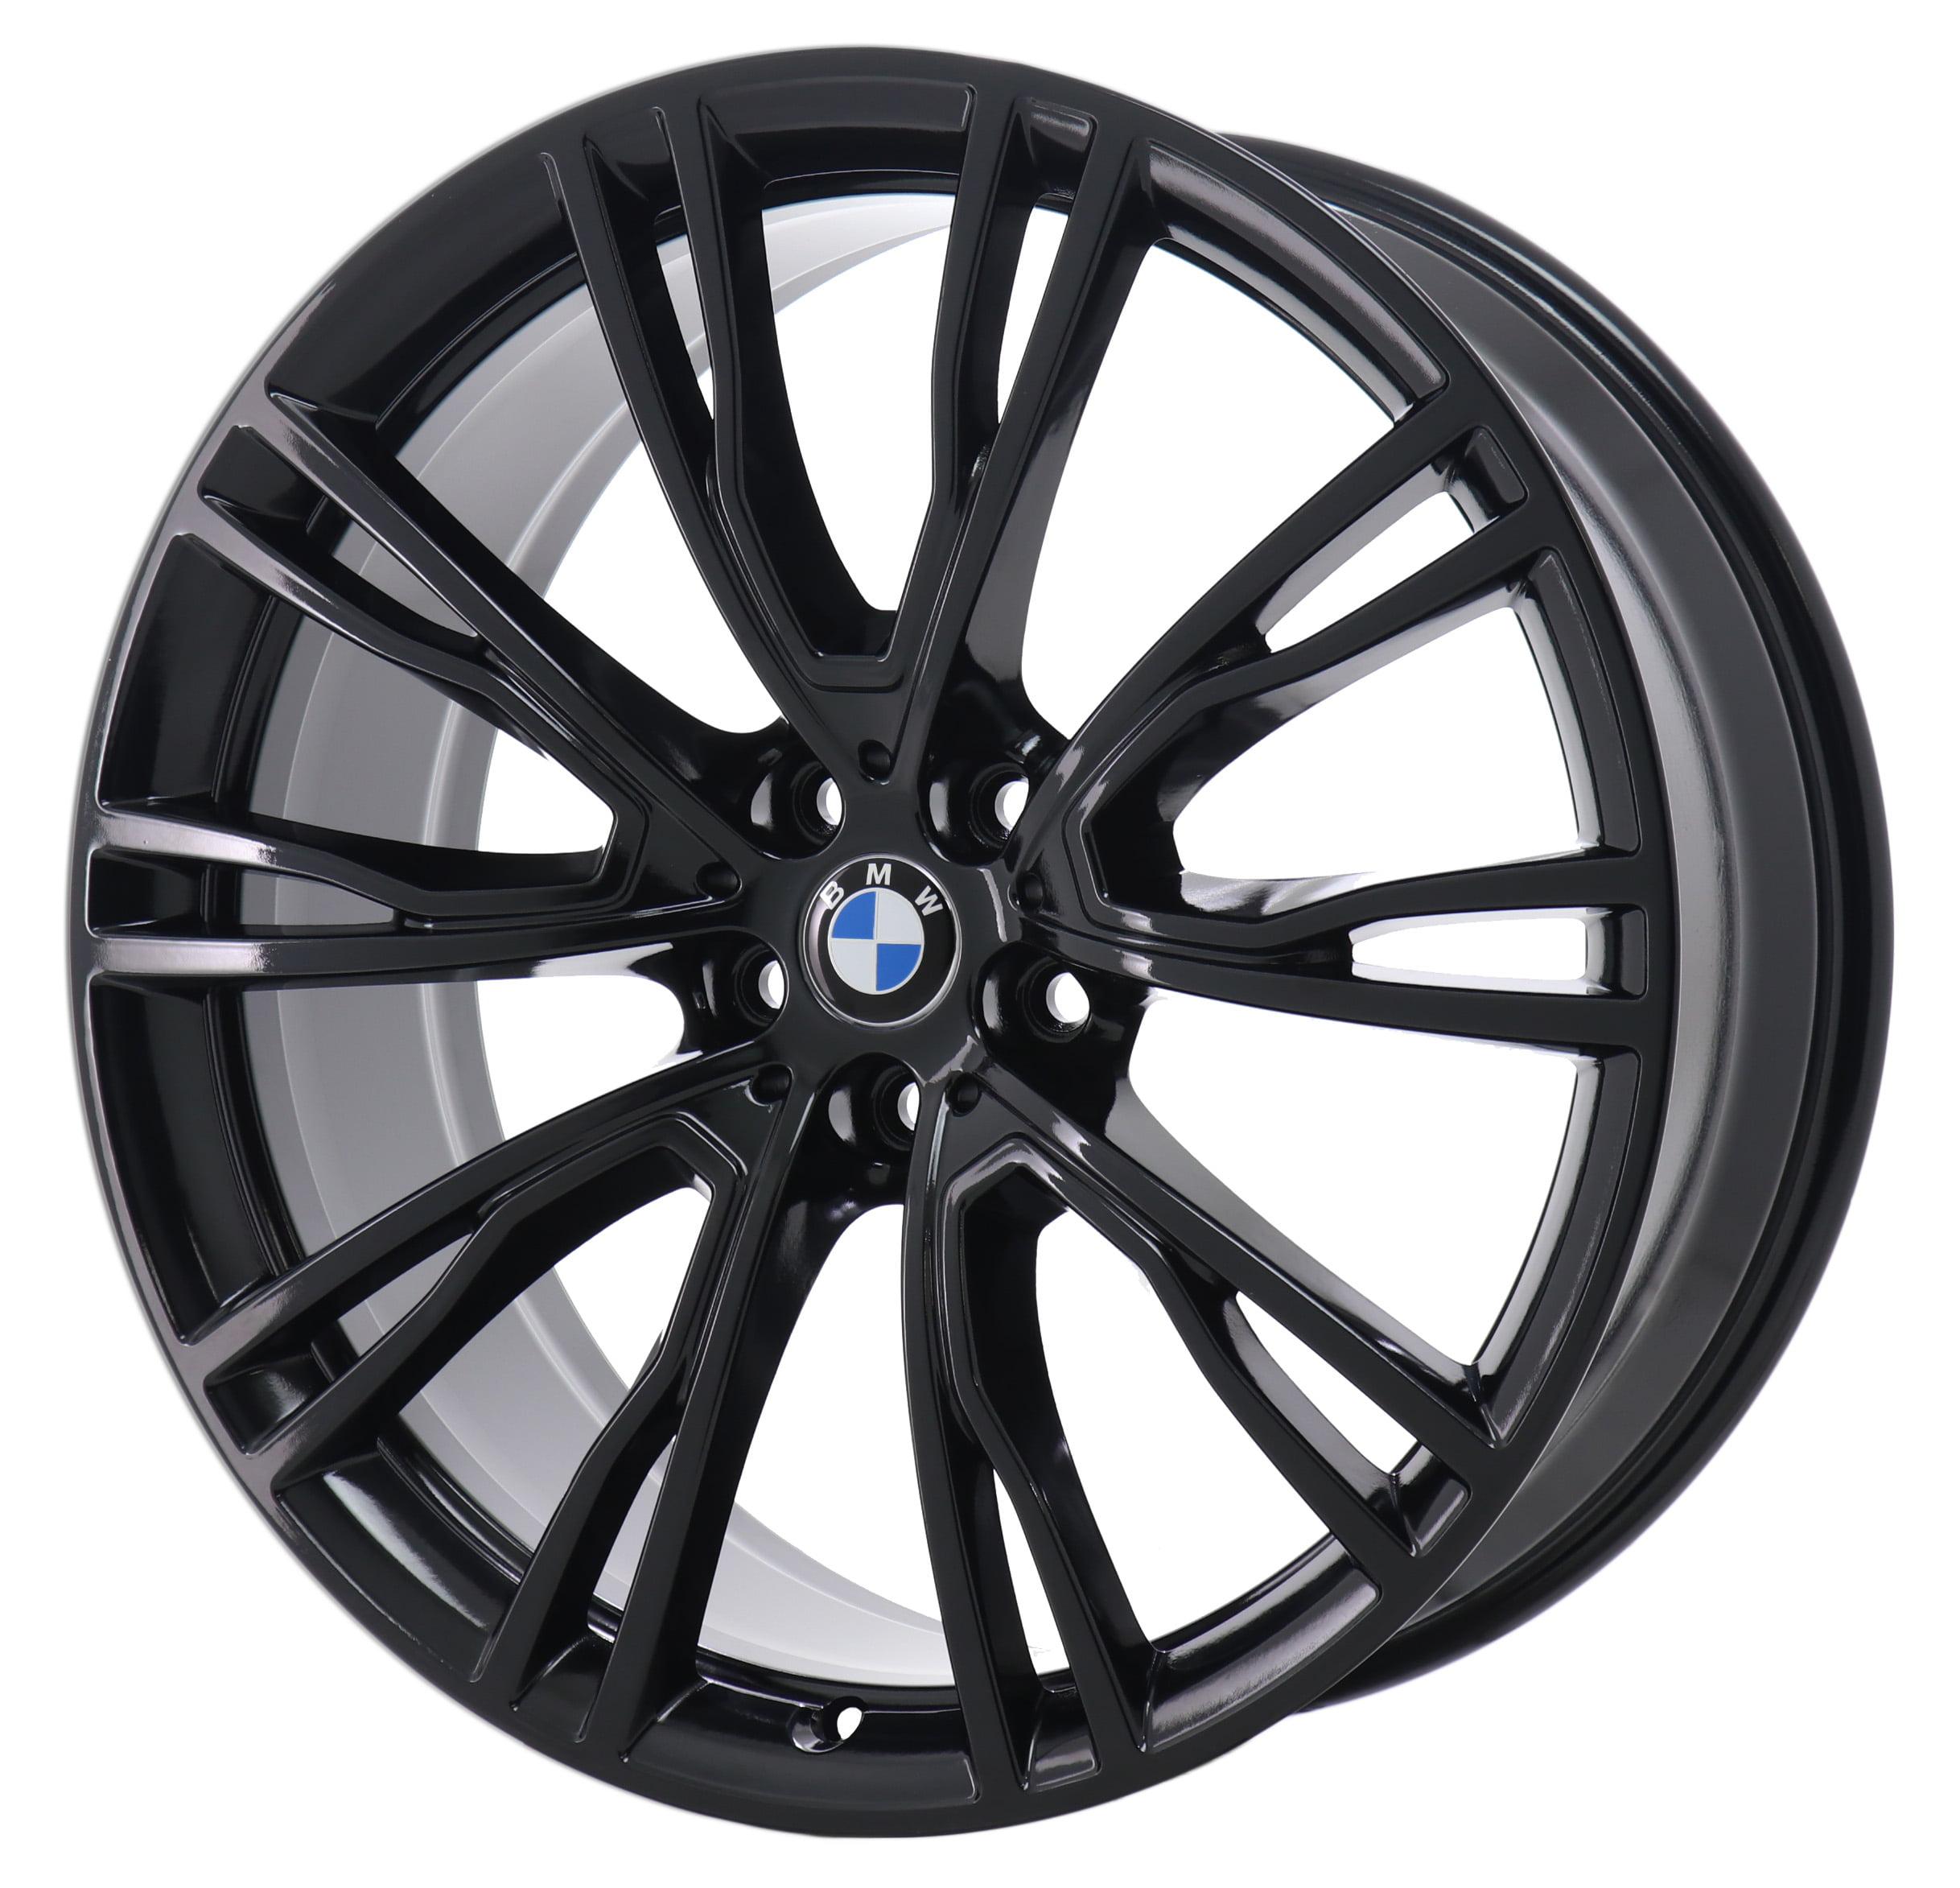 Bmw X3 2018 2020 Gloss Black Factory Oem Wheel Rim Not Replicas Walmart Com Walmart Com